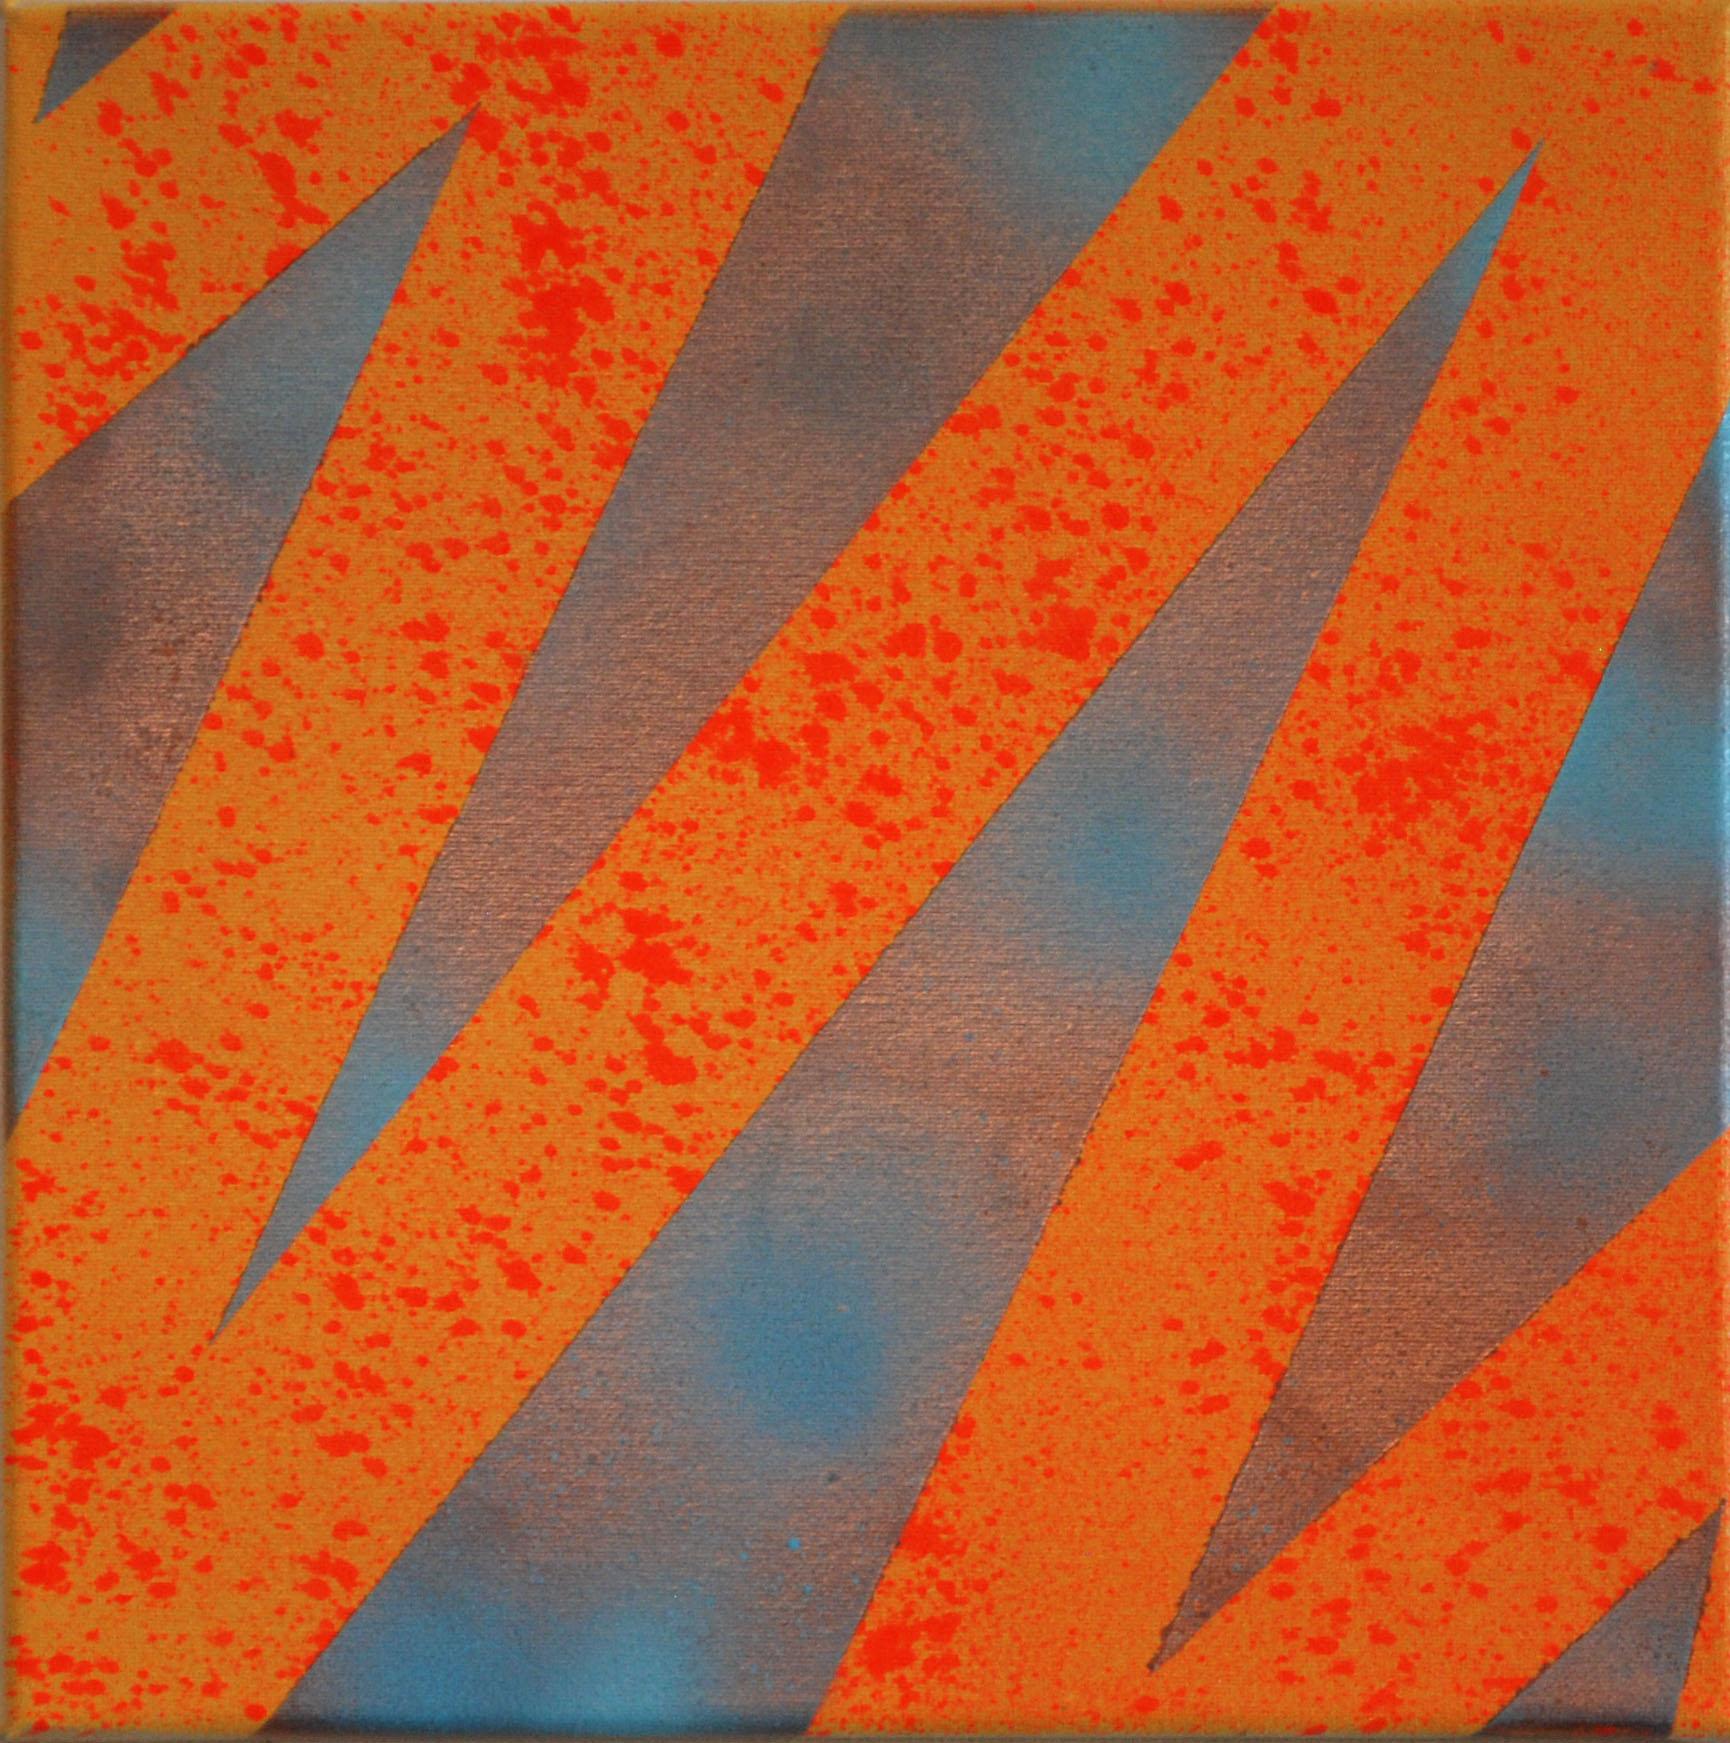 Misty (spray paint) - Lexi Taylor